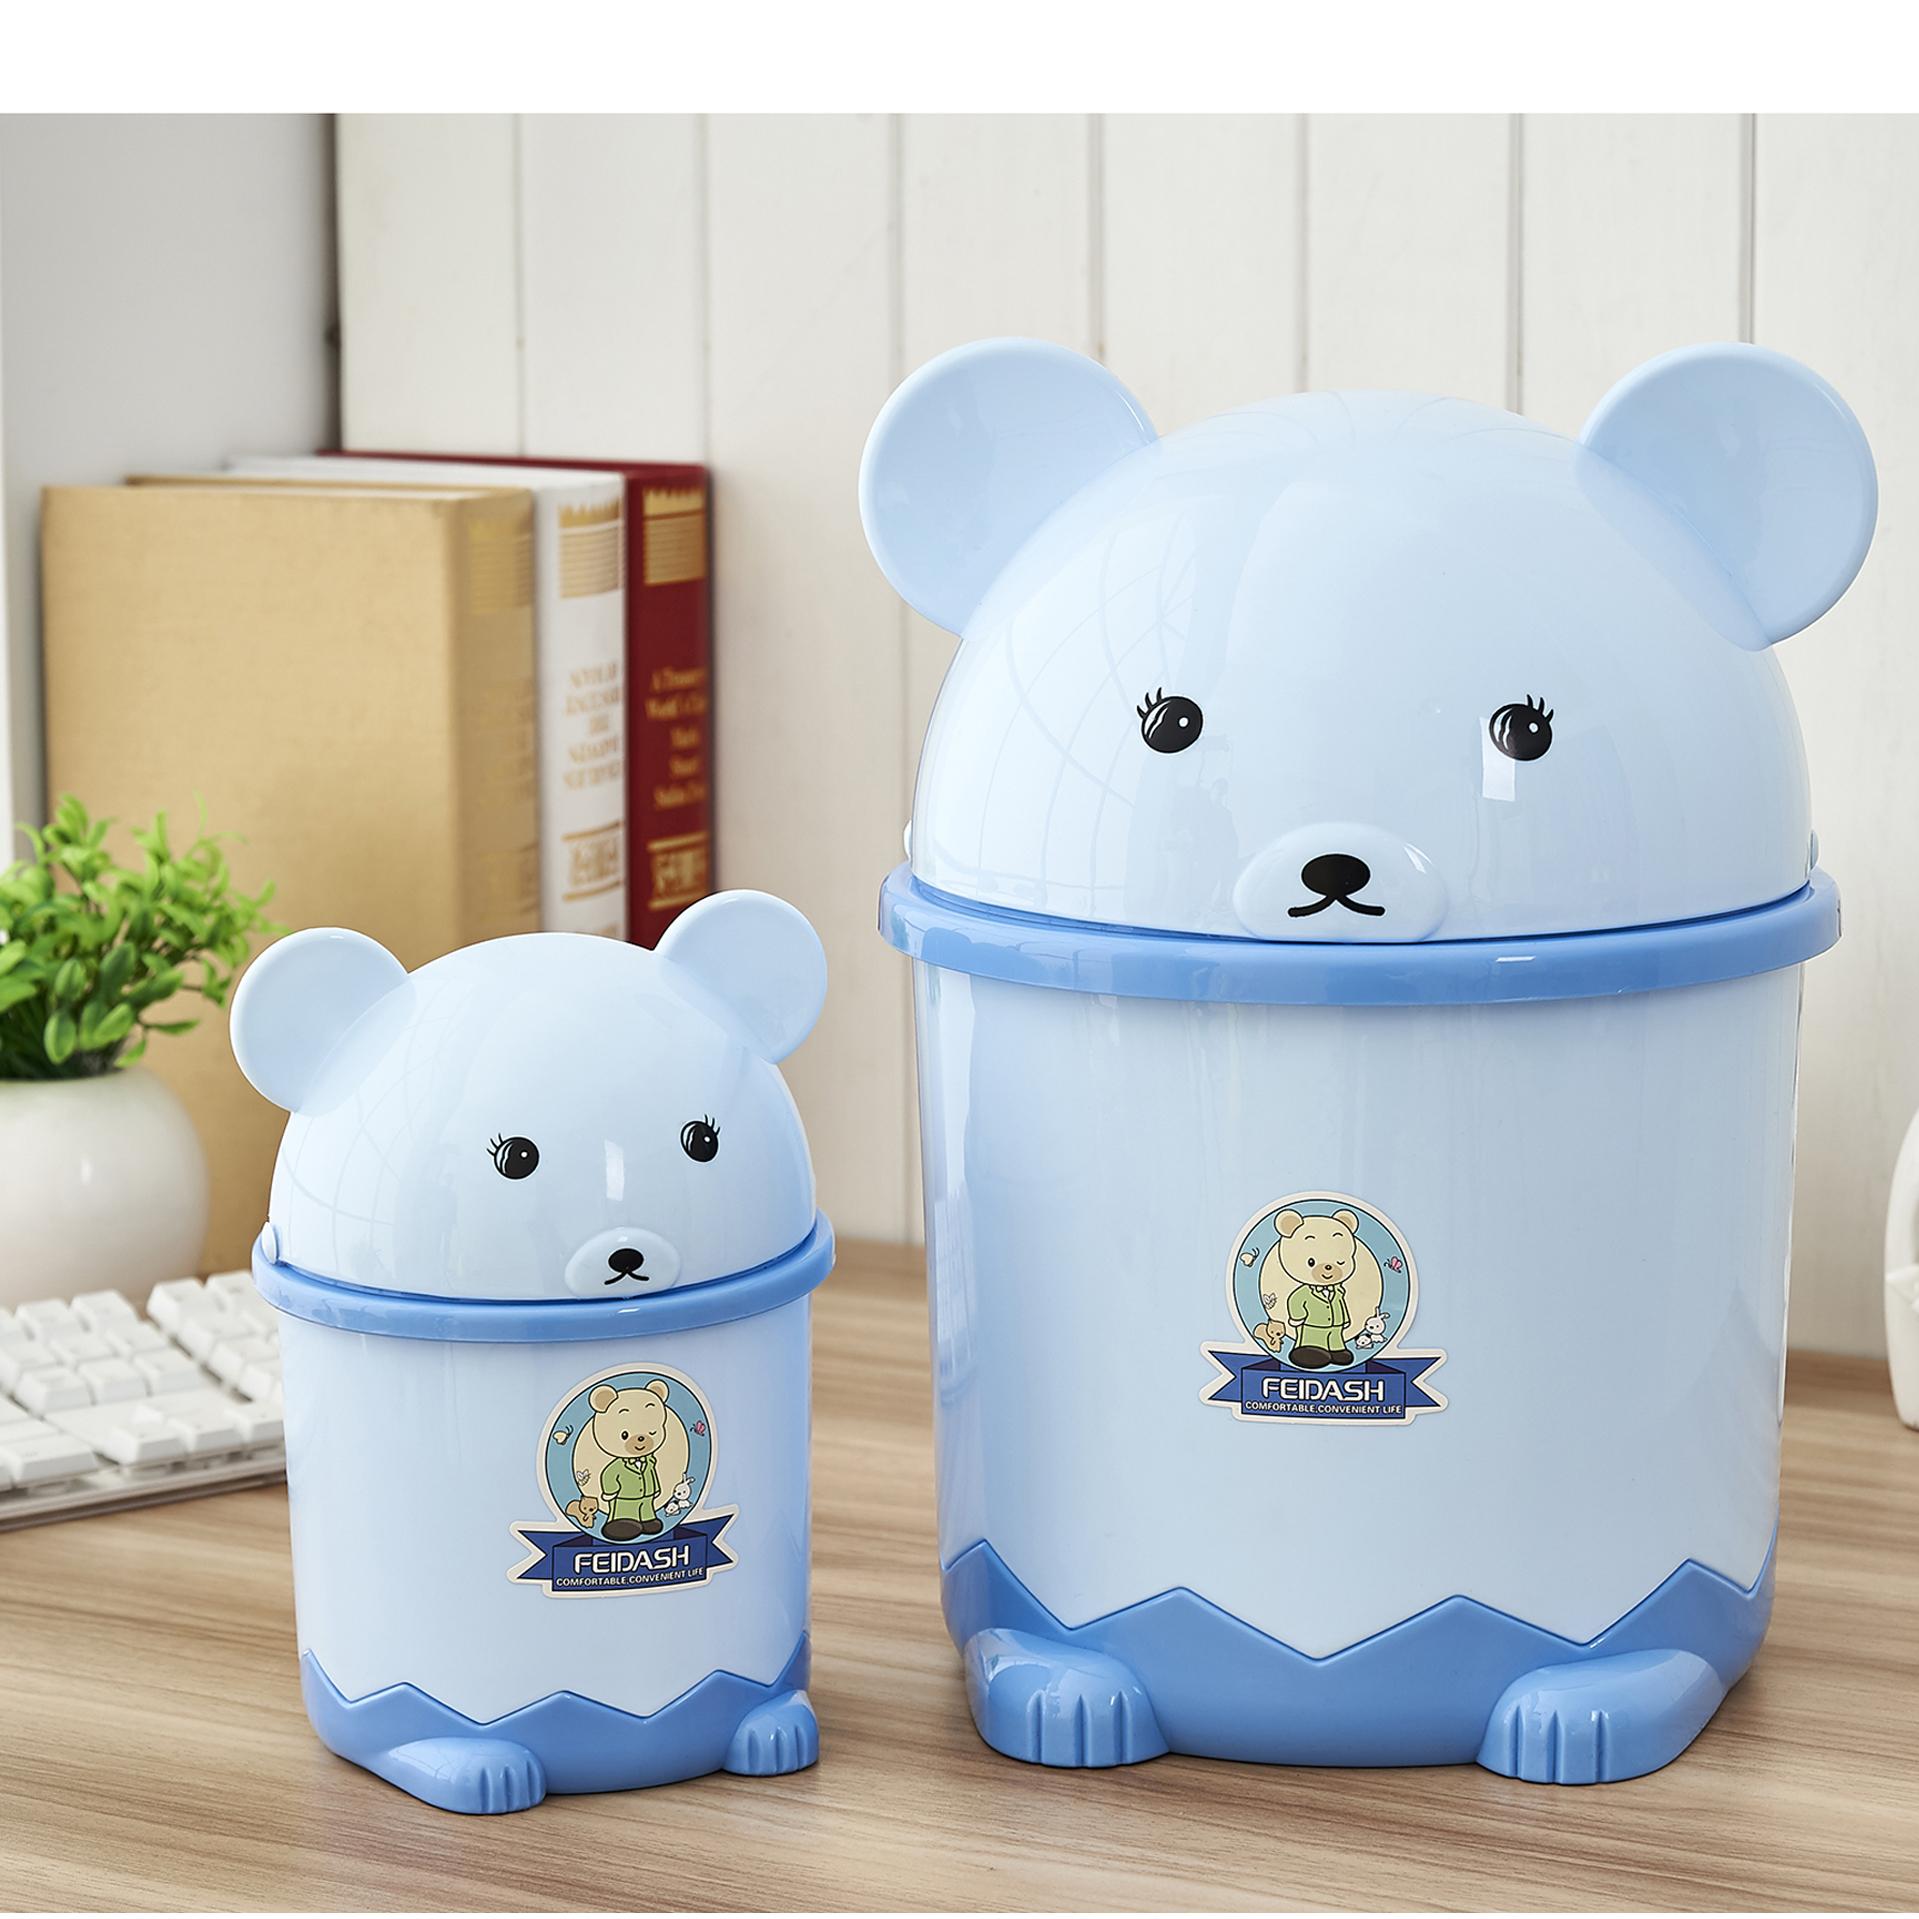 飞达三和可爱创意小熊翻盖垃圾桶 卧室客厅卫生间家用有盖收纳桶